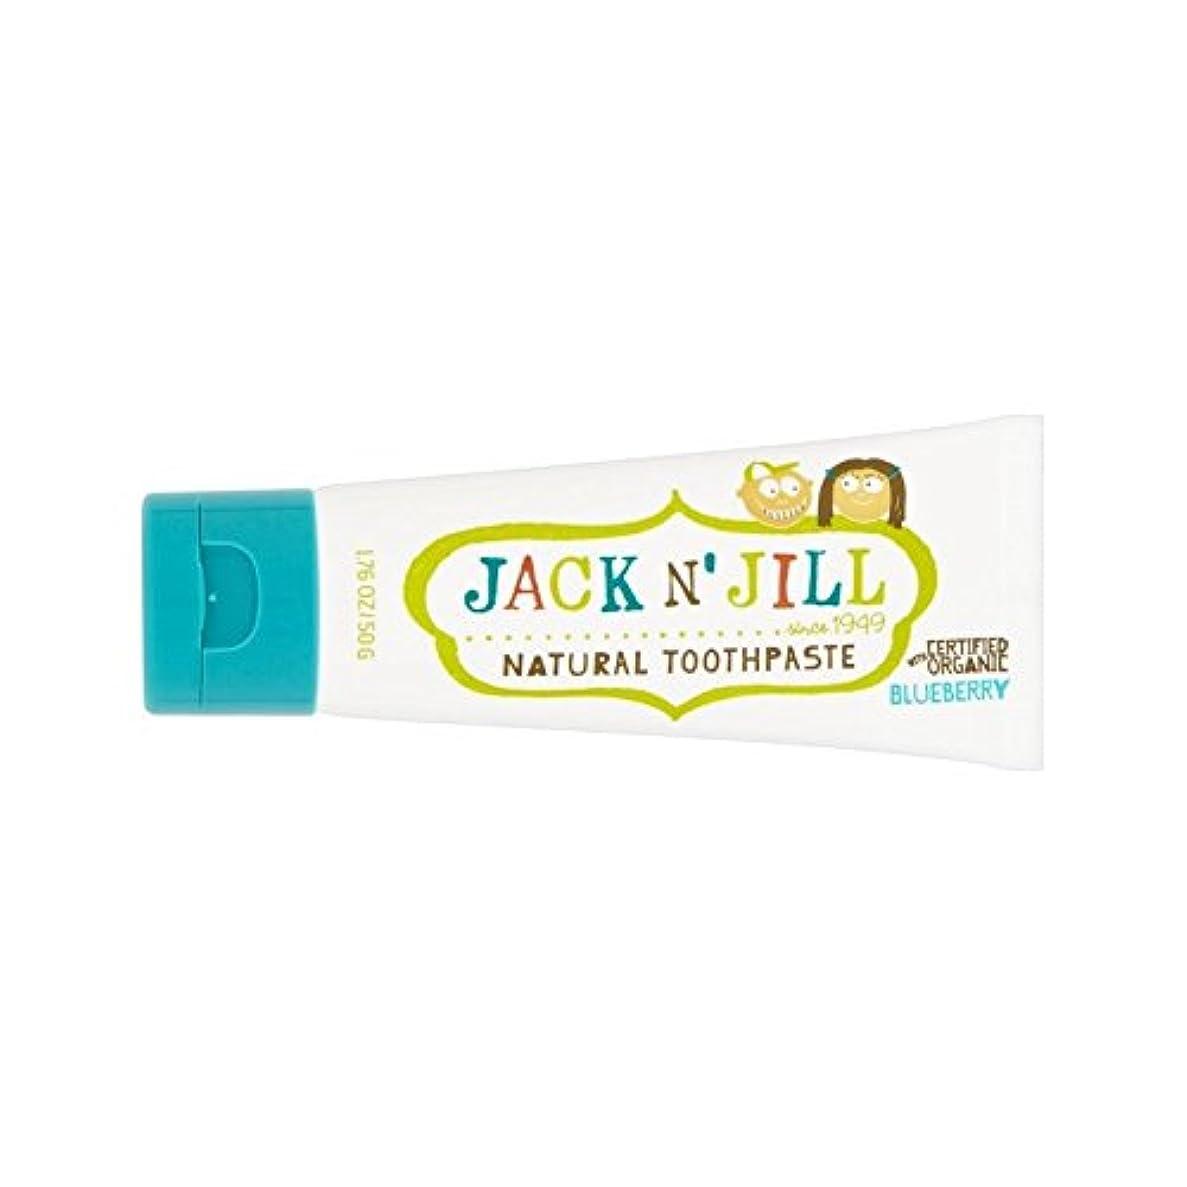 生活稼ぐ起きる有機香味50グラムとの自然なブルーベリー歯磨き粉 (Jack N Jill) (x 4) - Jack N' Jill Blueberry Toothpaste Natural with Organic Flavouring 50g (Pack of 4) [並行輸入品]